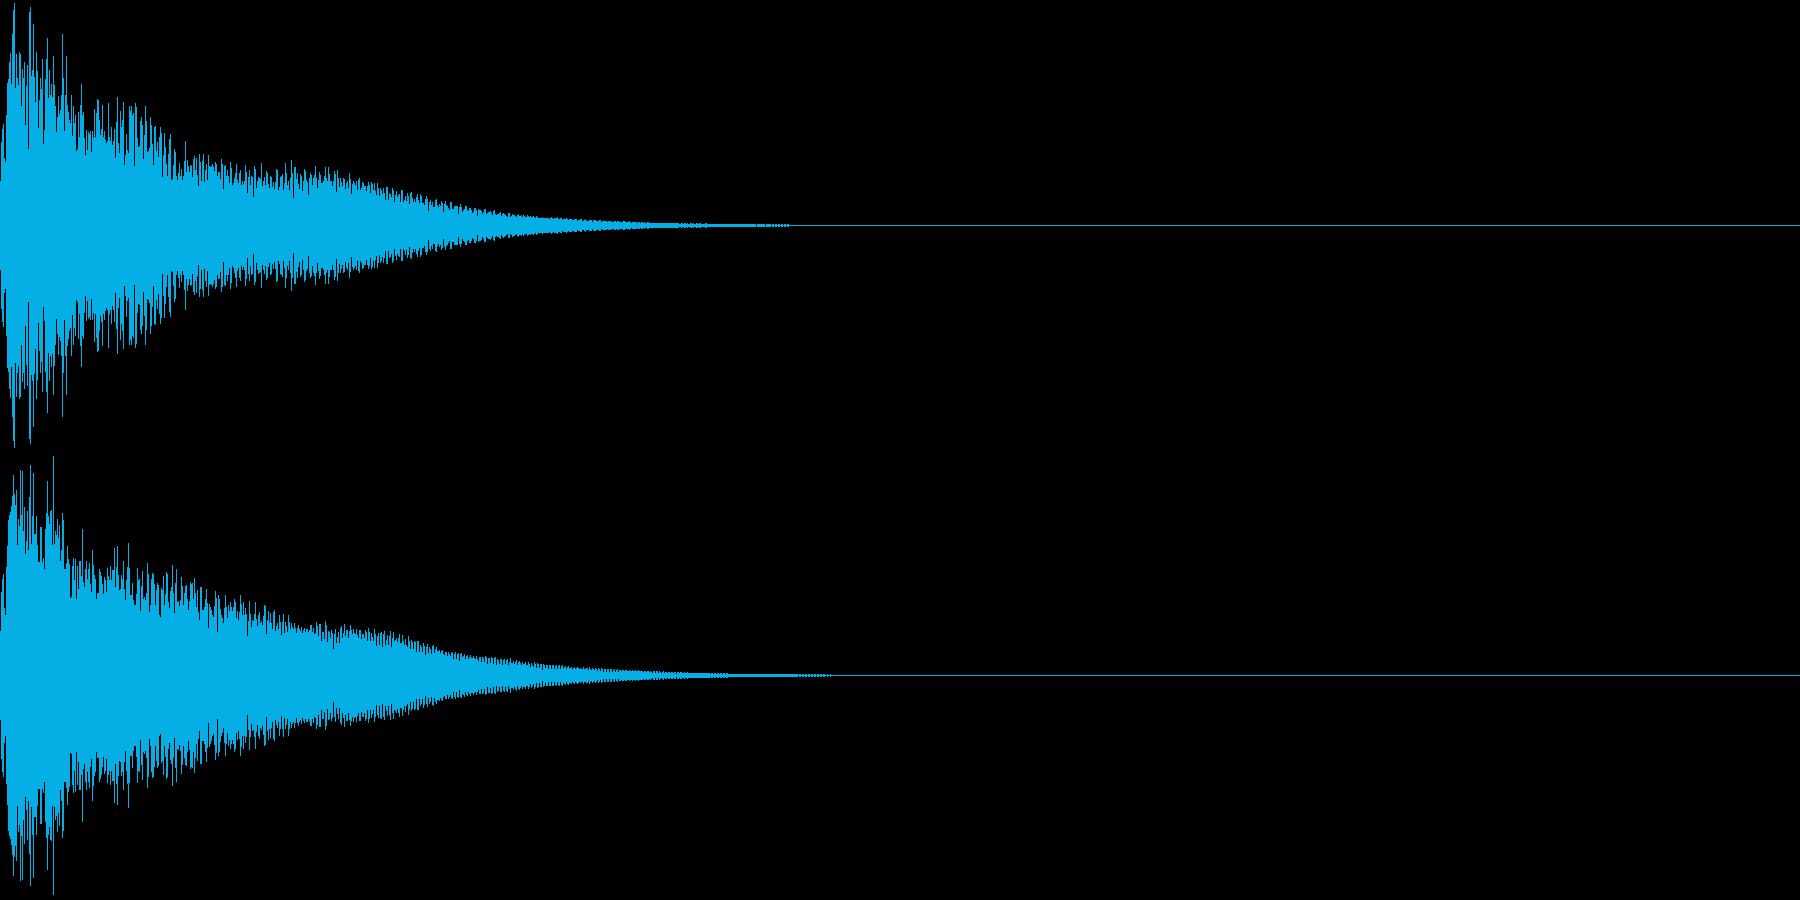 光る  輝く  キュピーン  キラーンDの再生済みの波形